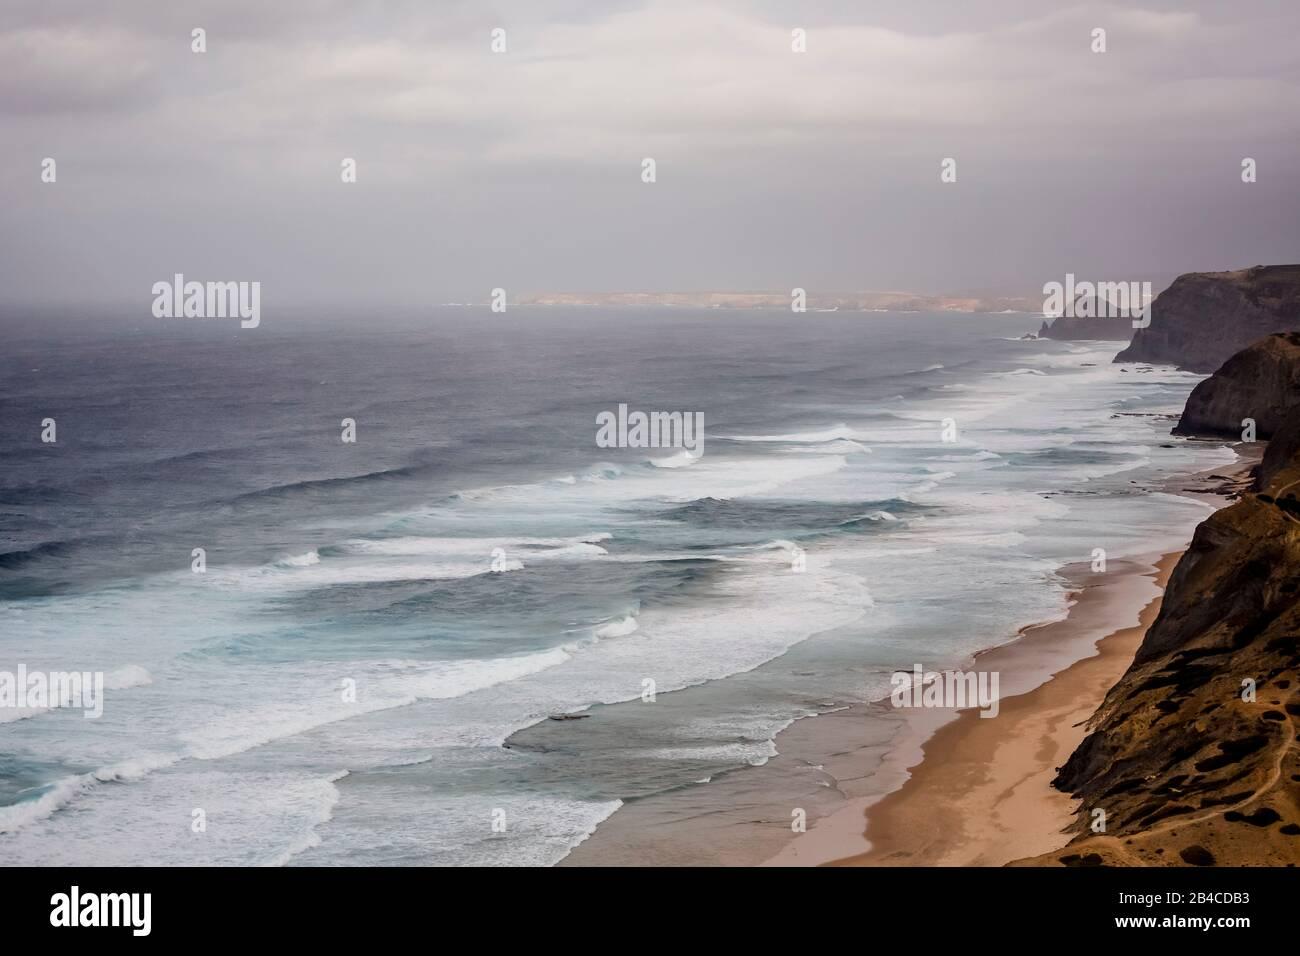 Vue panoramique sur les falaises de la côte ouest sauvage du Portugal Banque D'Images